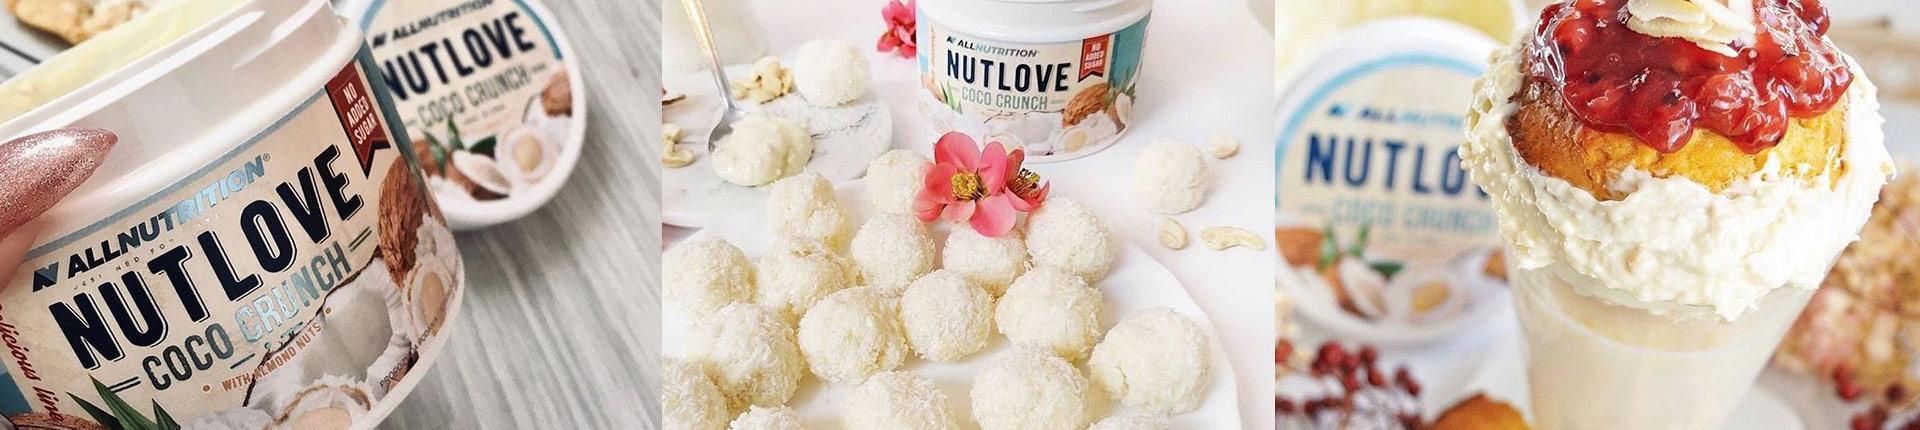 NUTLOVE COCO CRUNCH - krem kokosowy z dodatkiem chrupiących migdałów